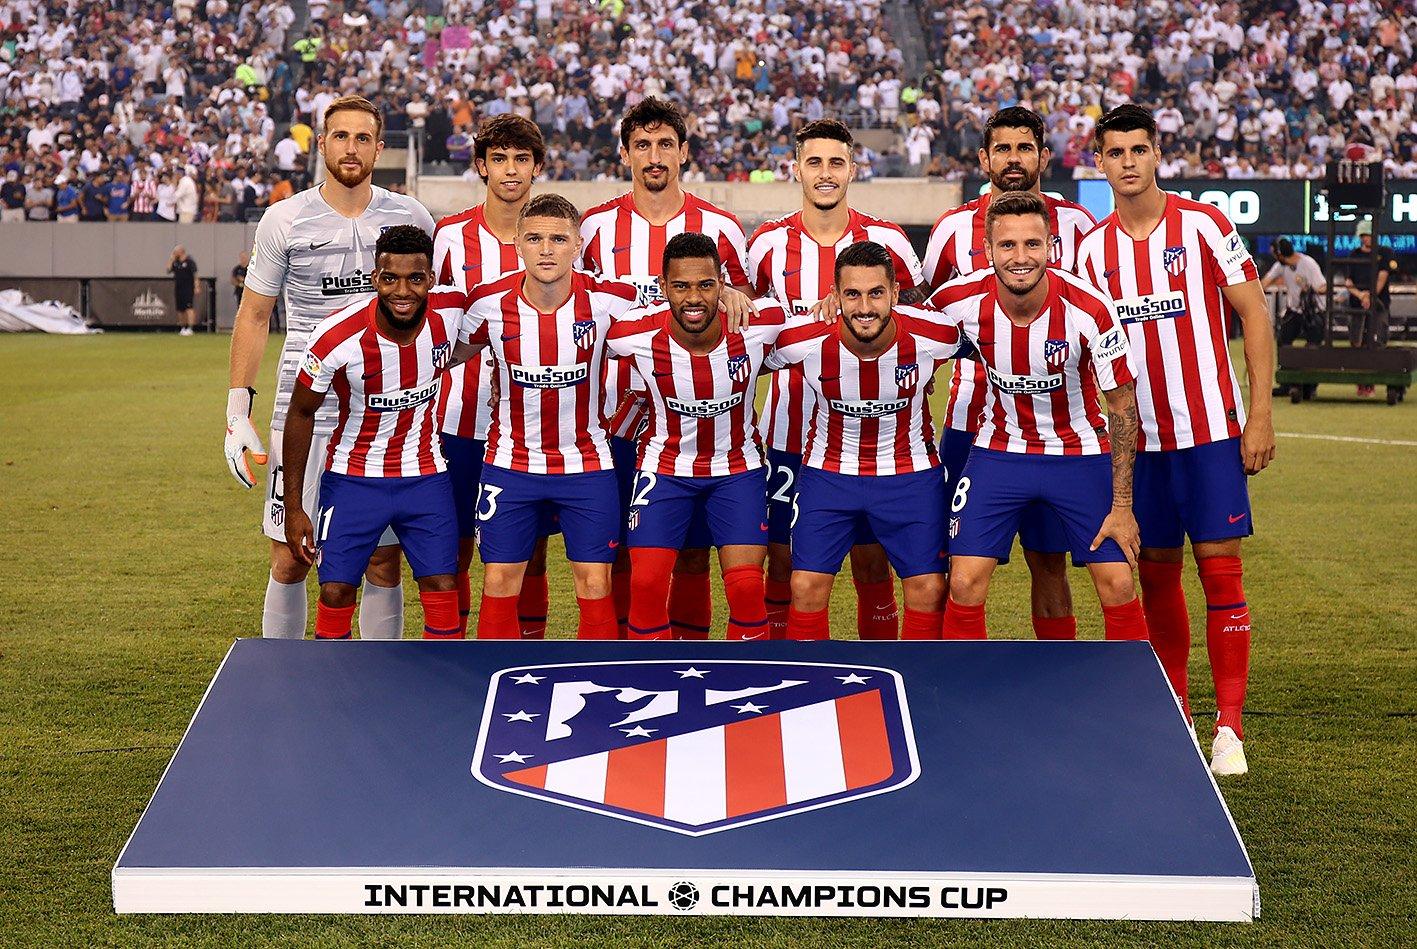 El once del Atlético de Madrid en el derbi de pretemporada (Foto: ATM).